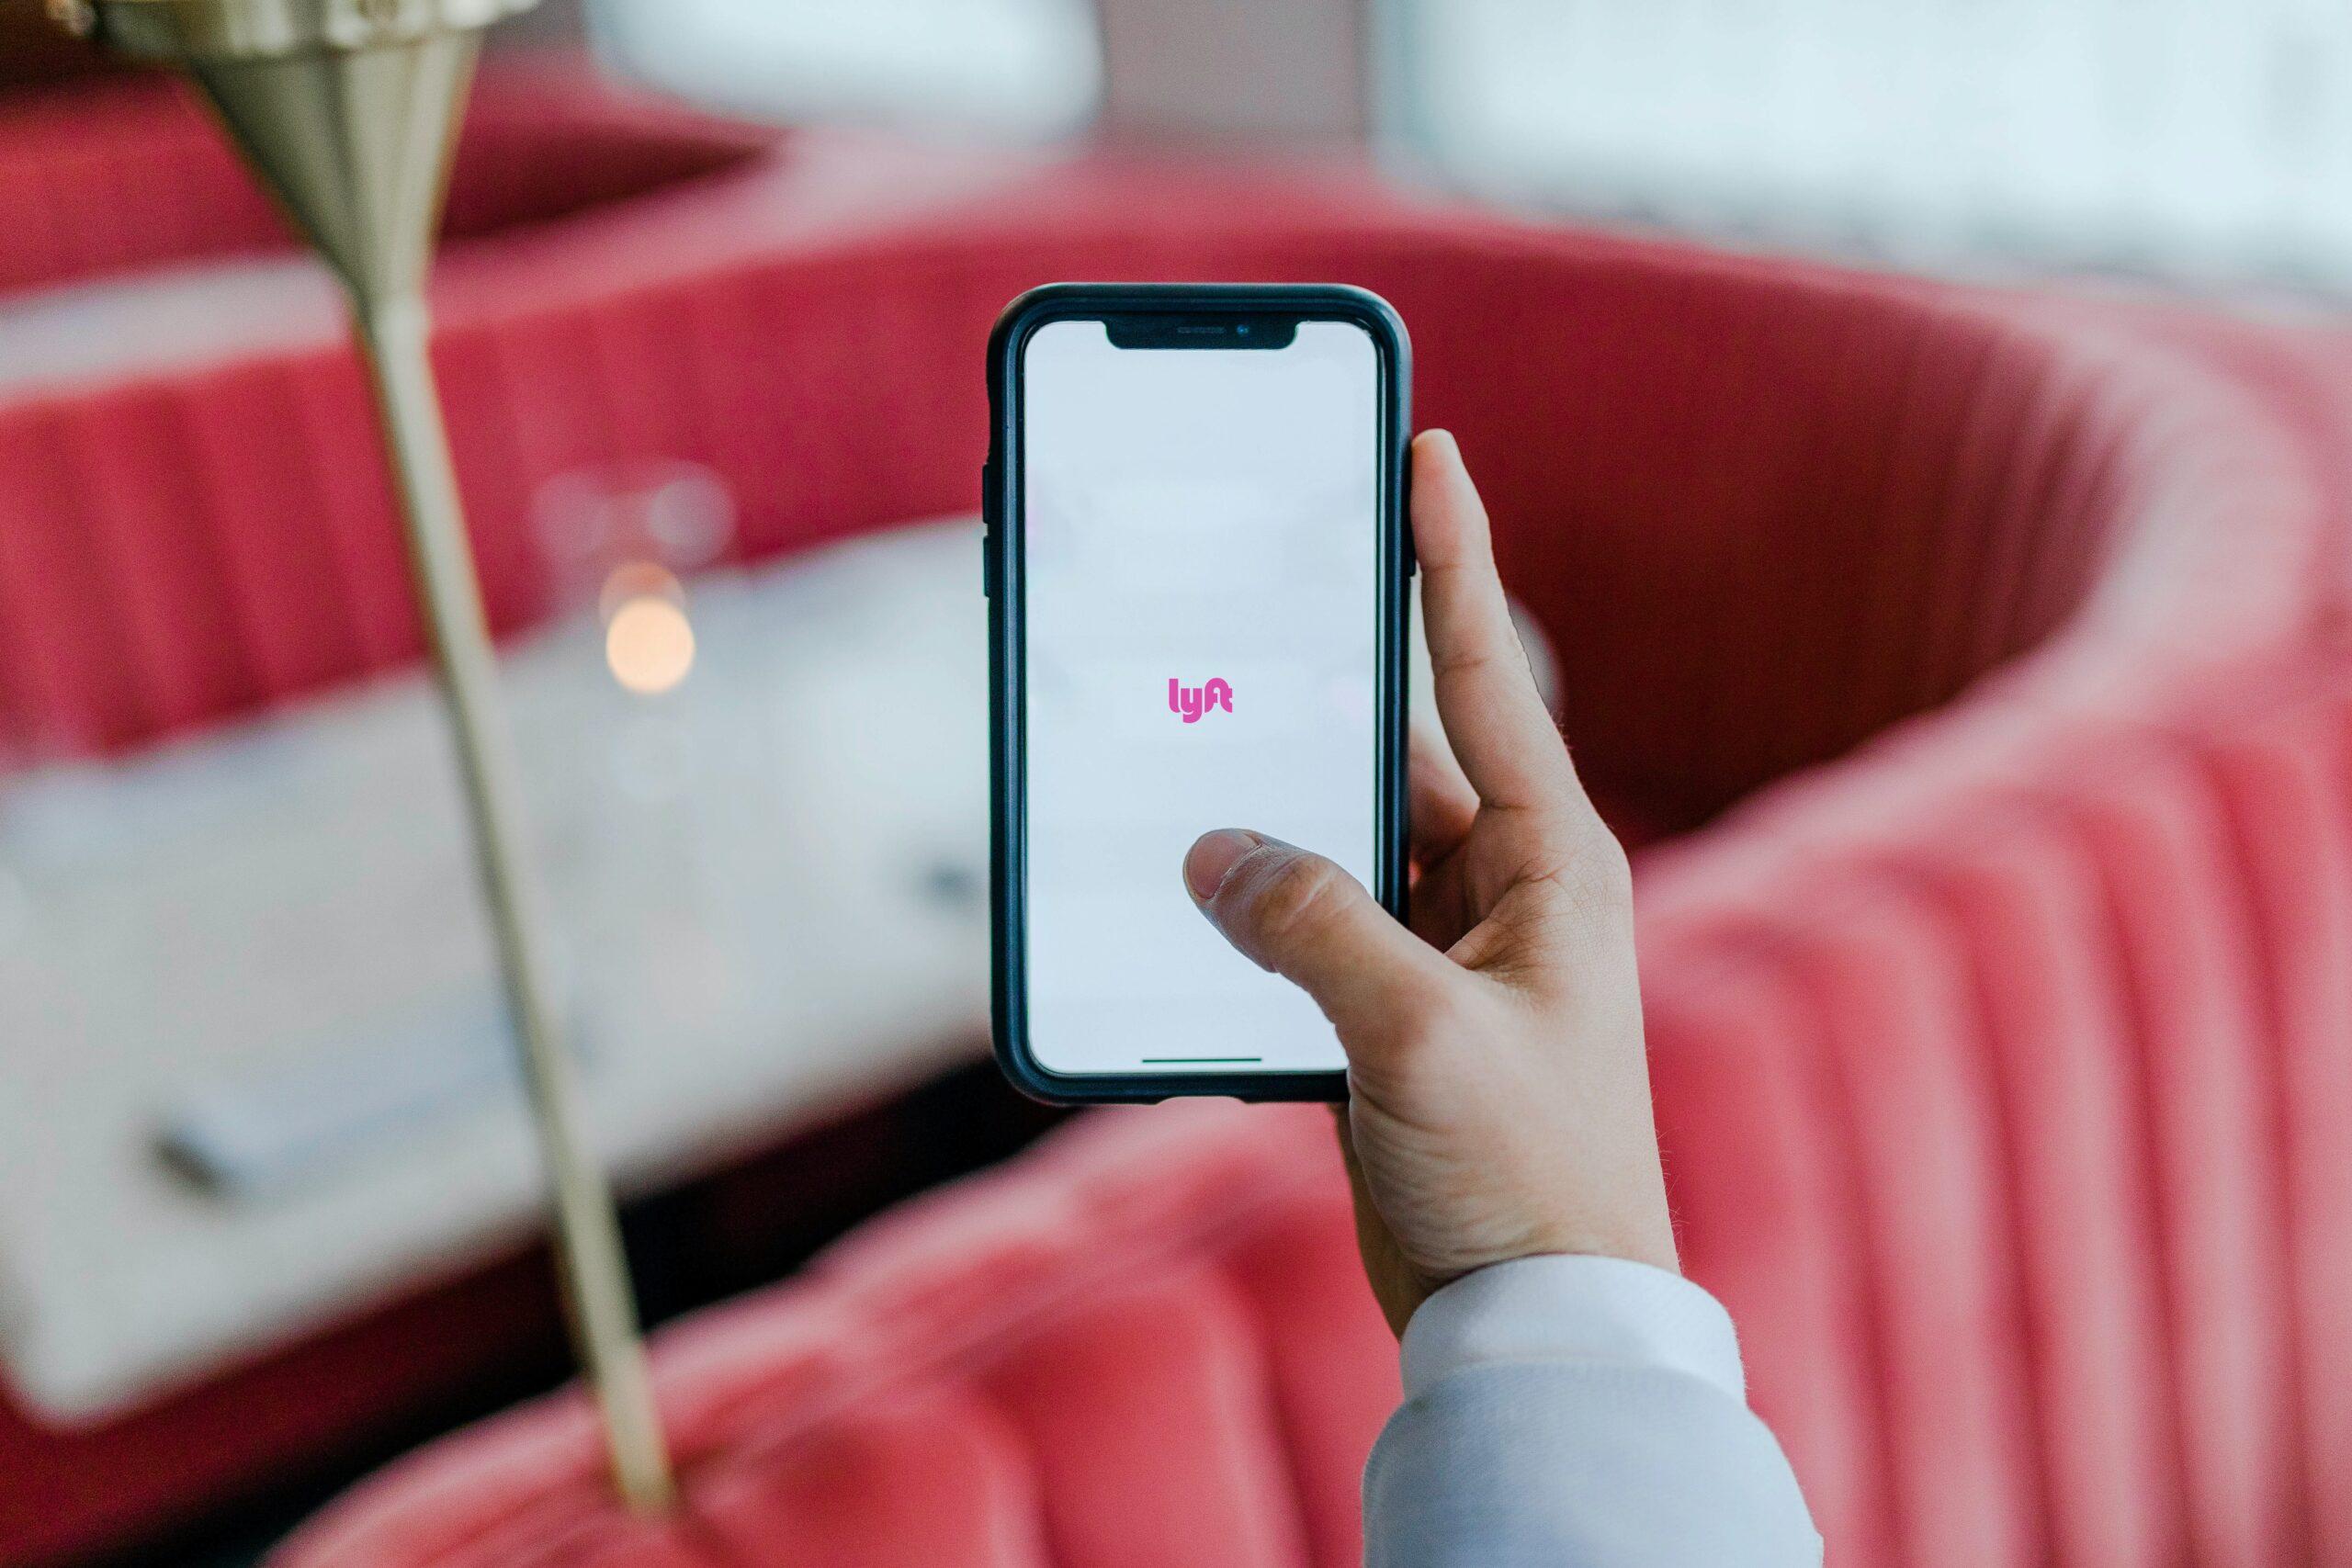 Die europäische Super-App wird schon bald das Leben prägen